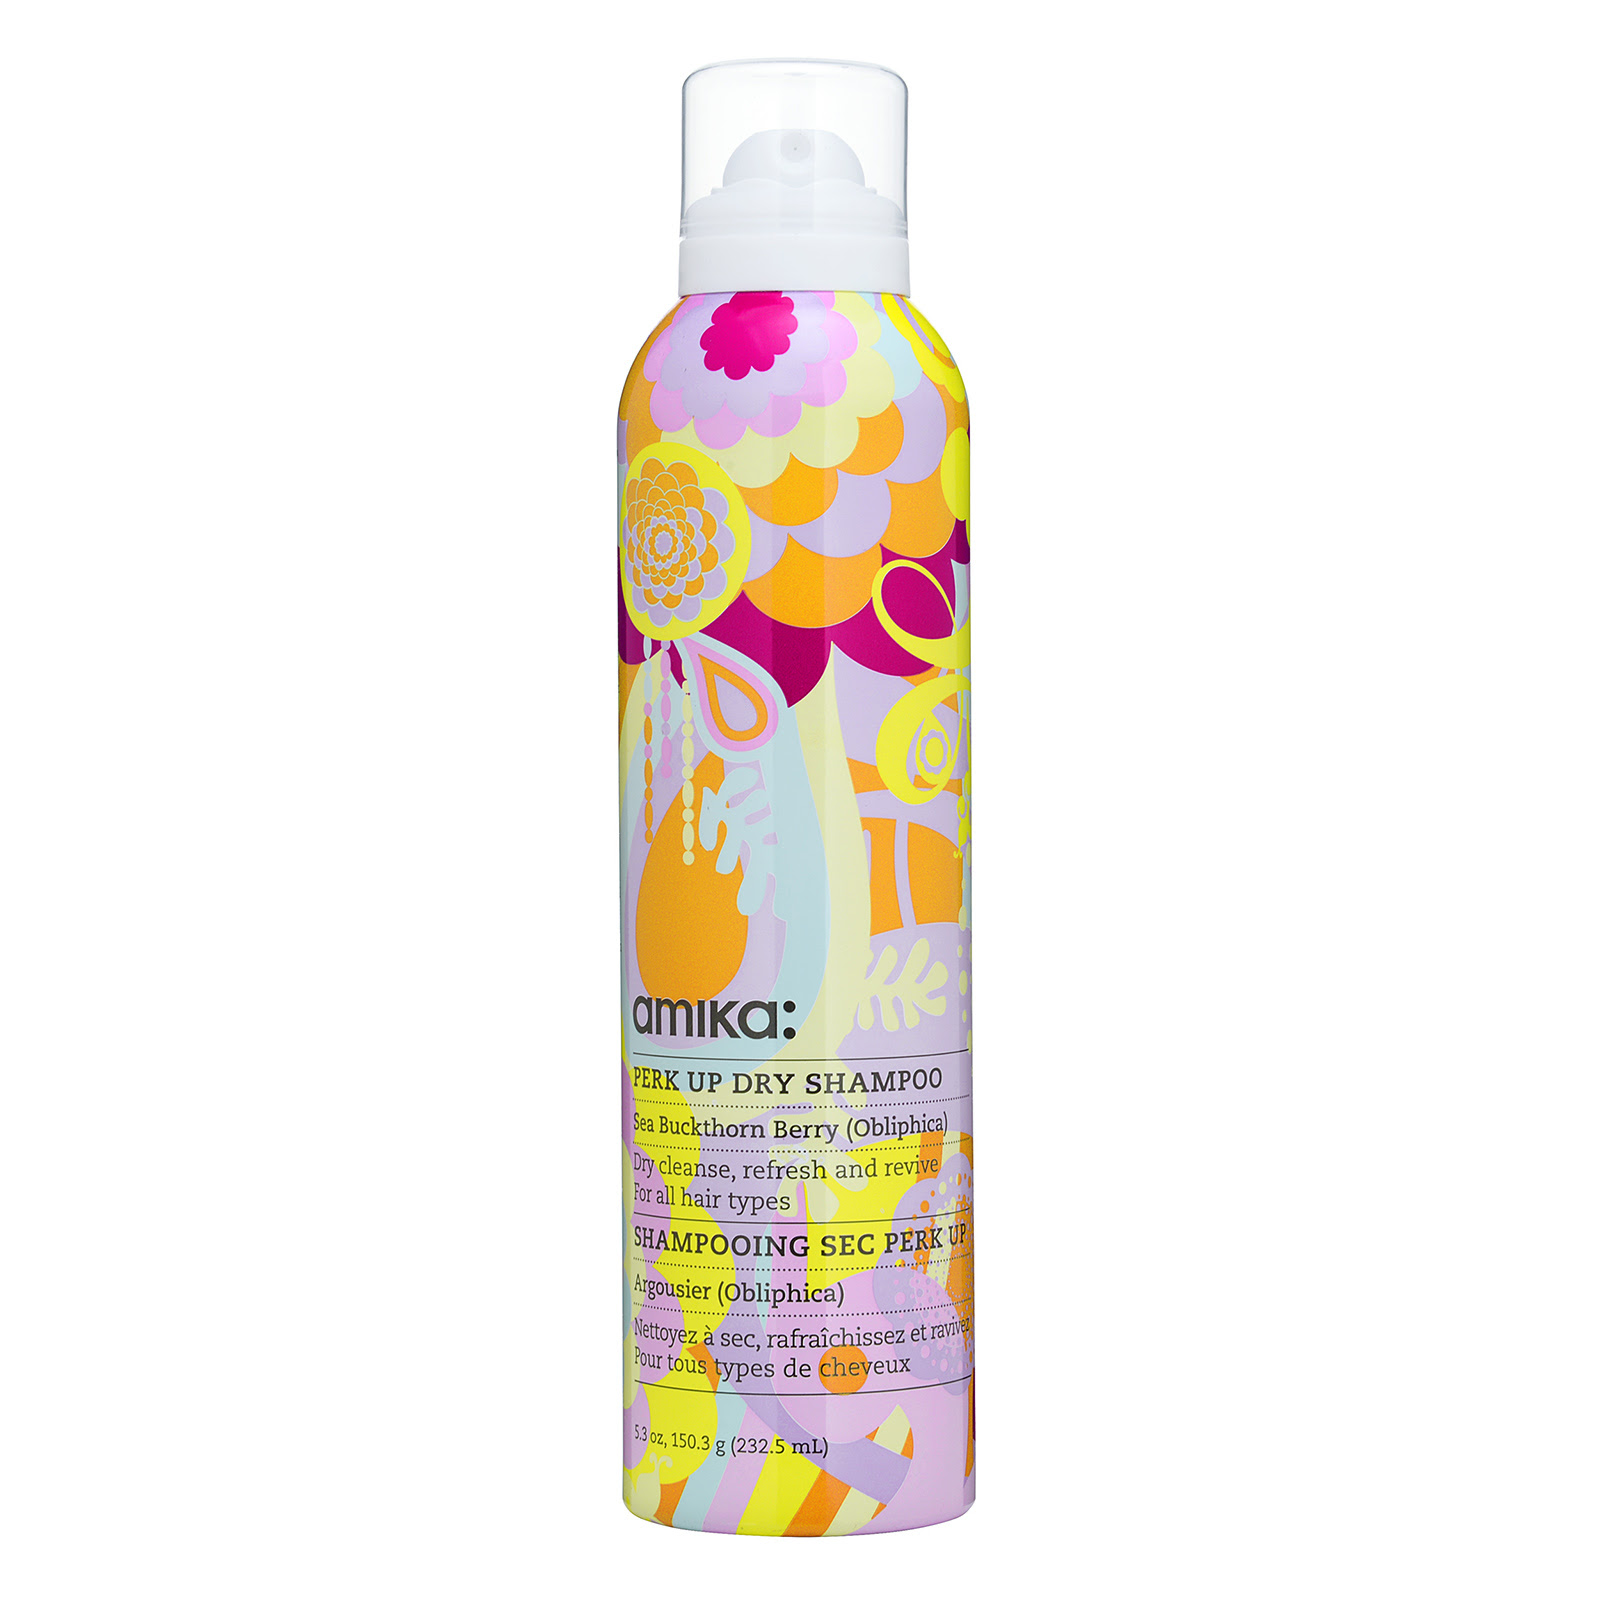 Amika Perk Up Dry Shampoo